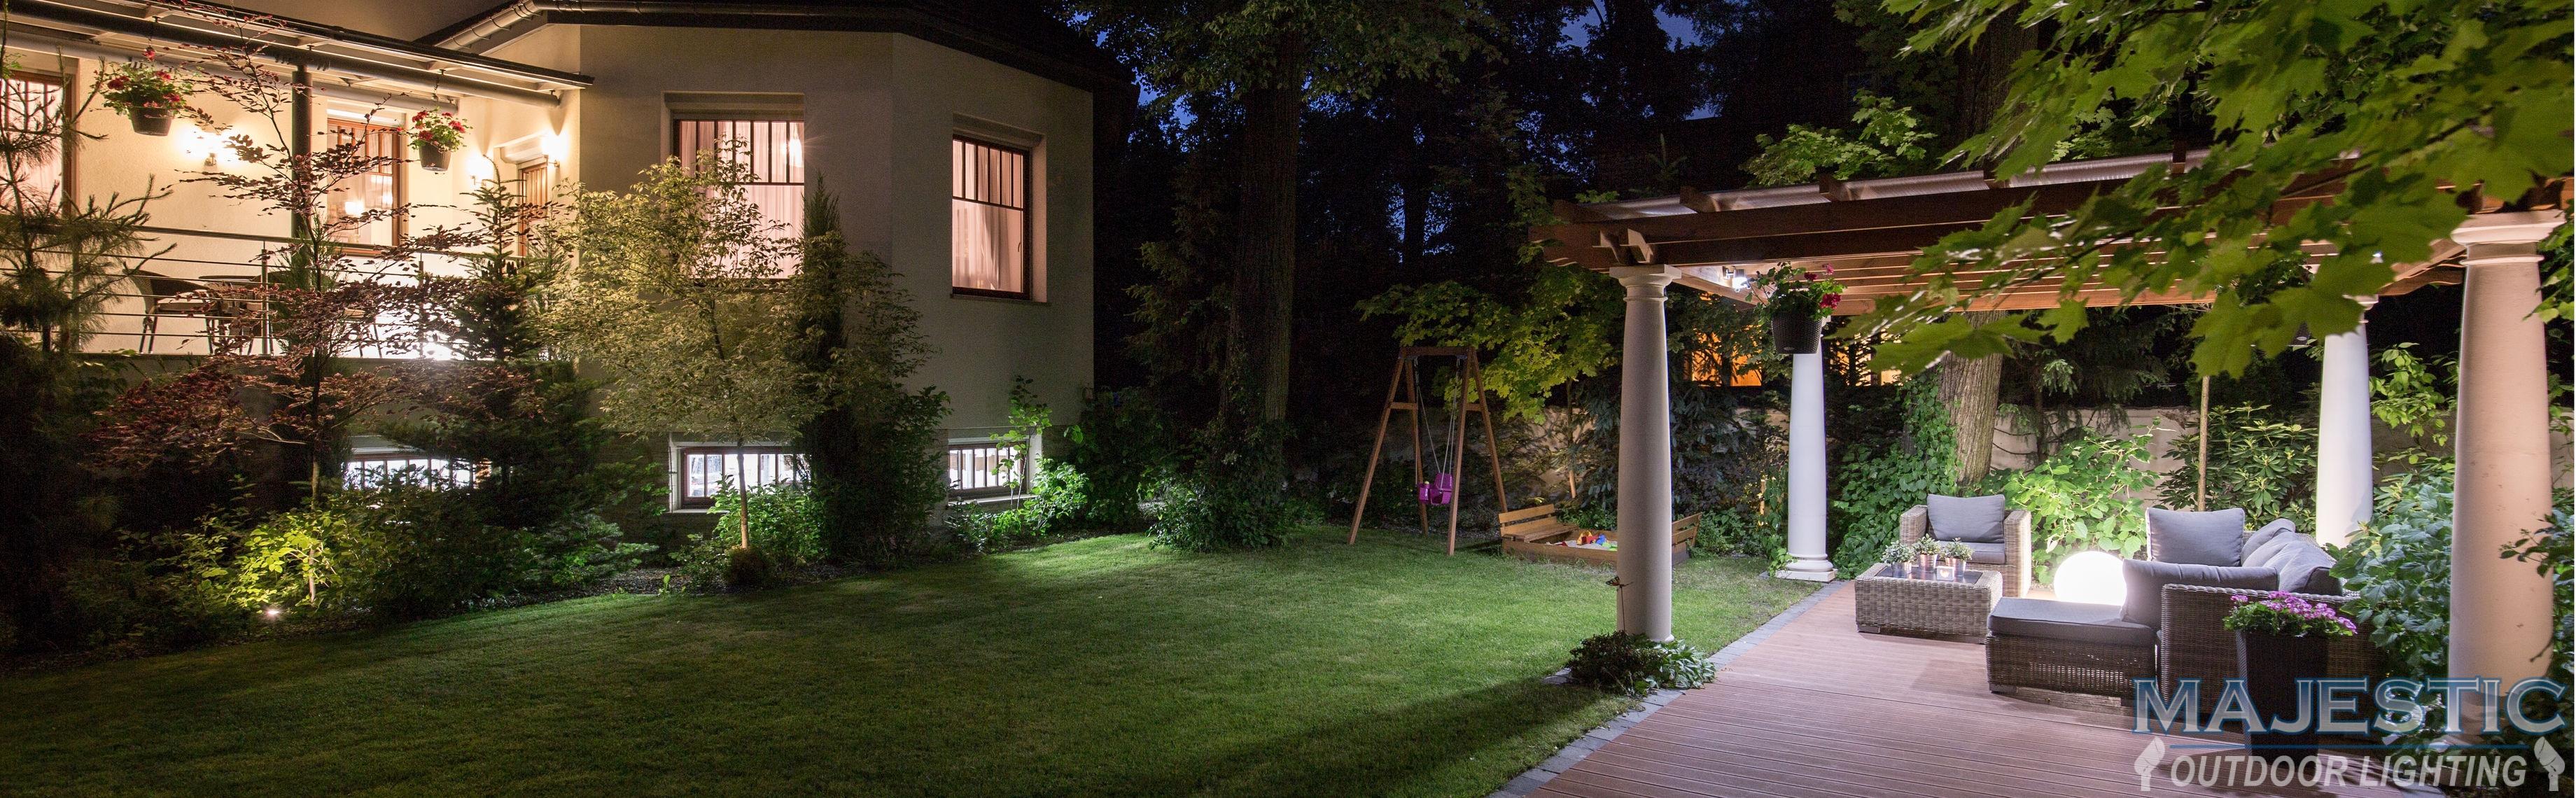 Yard Lights at Night